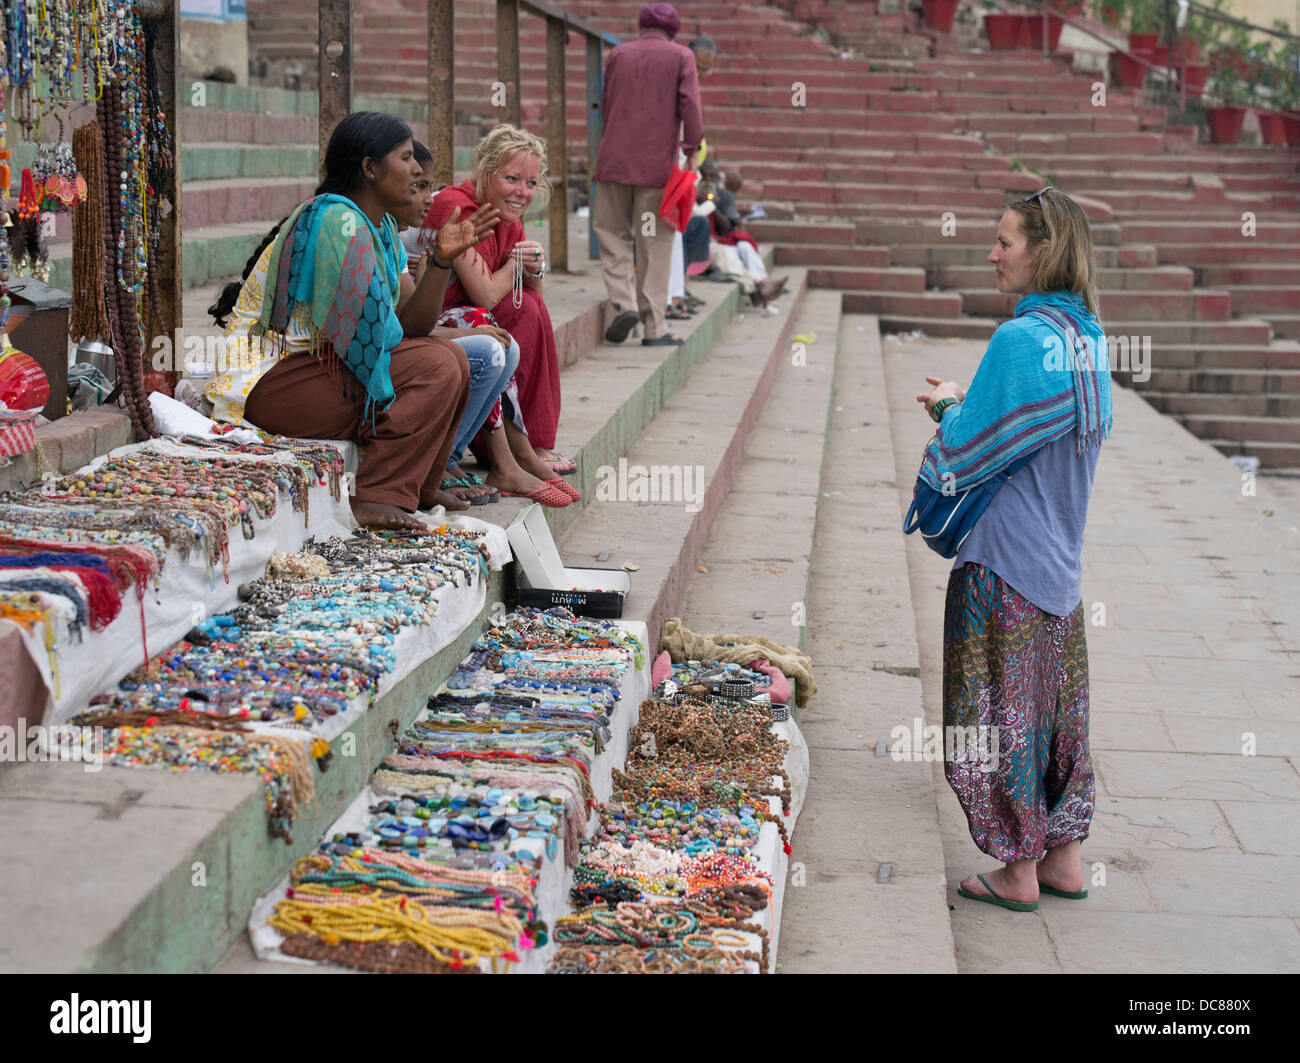 Negozi di souvenir sulle rive del Gange Fiume - Varanasi, India Immagini Stock